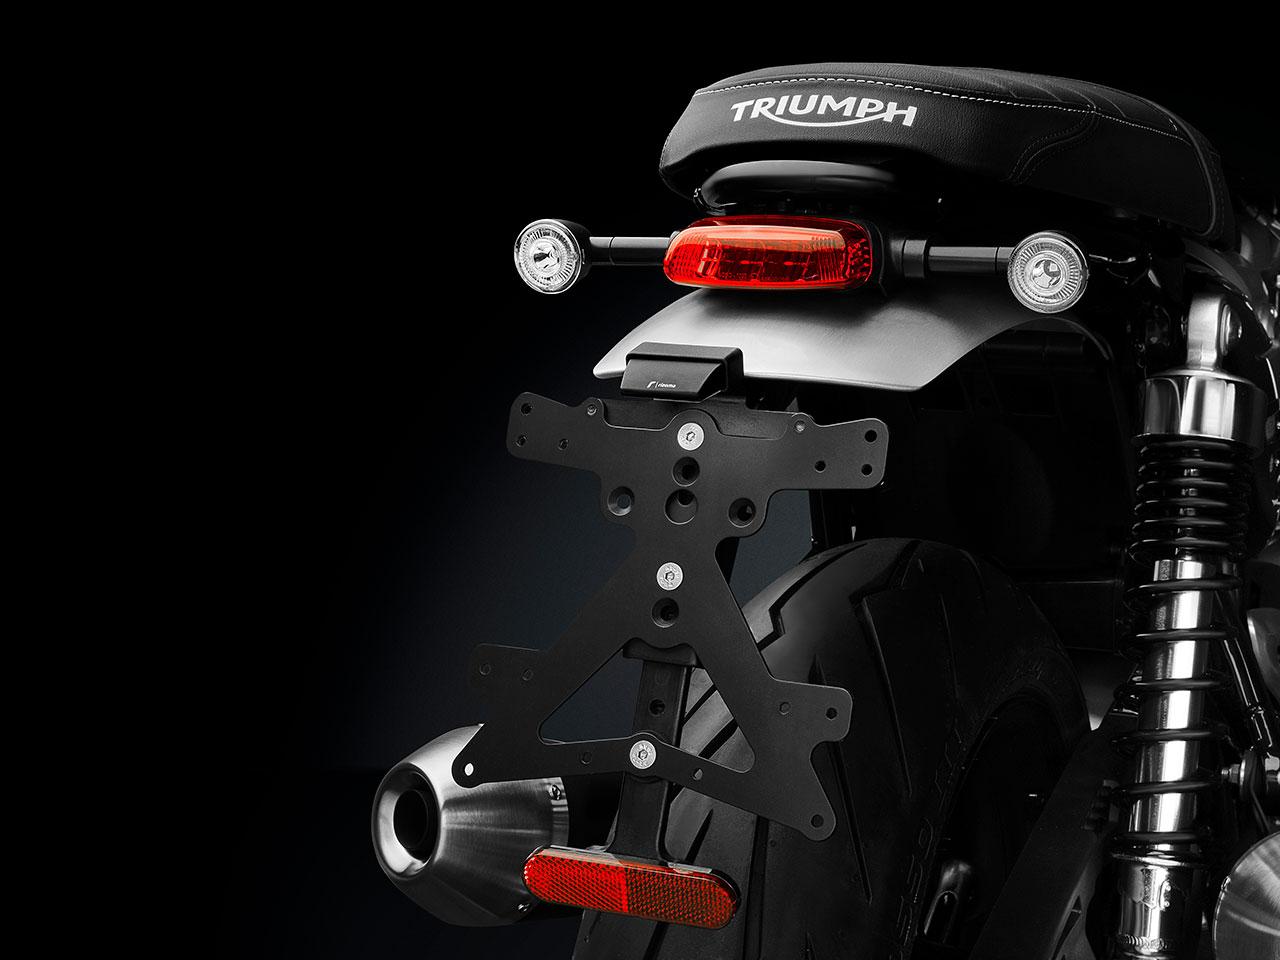 rizoma / リゾマ ライセンスプレートサポート フェンダーレスキット スピードツイン / Speed Twin